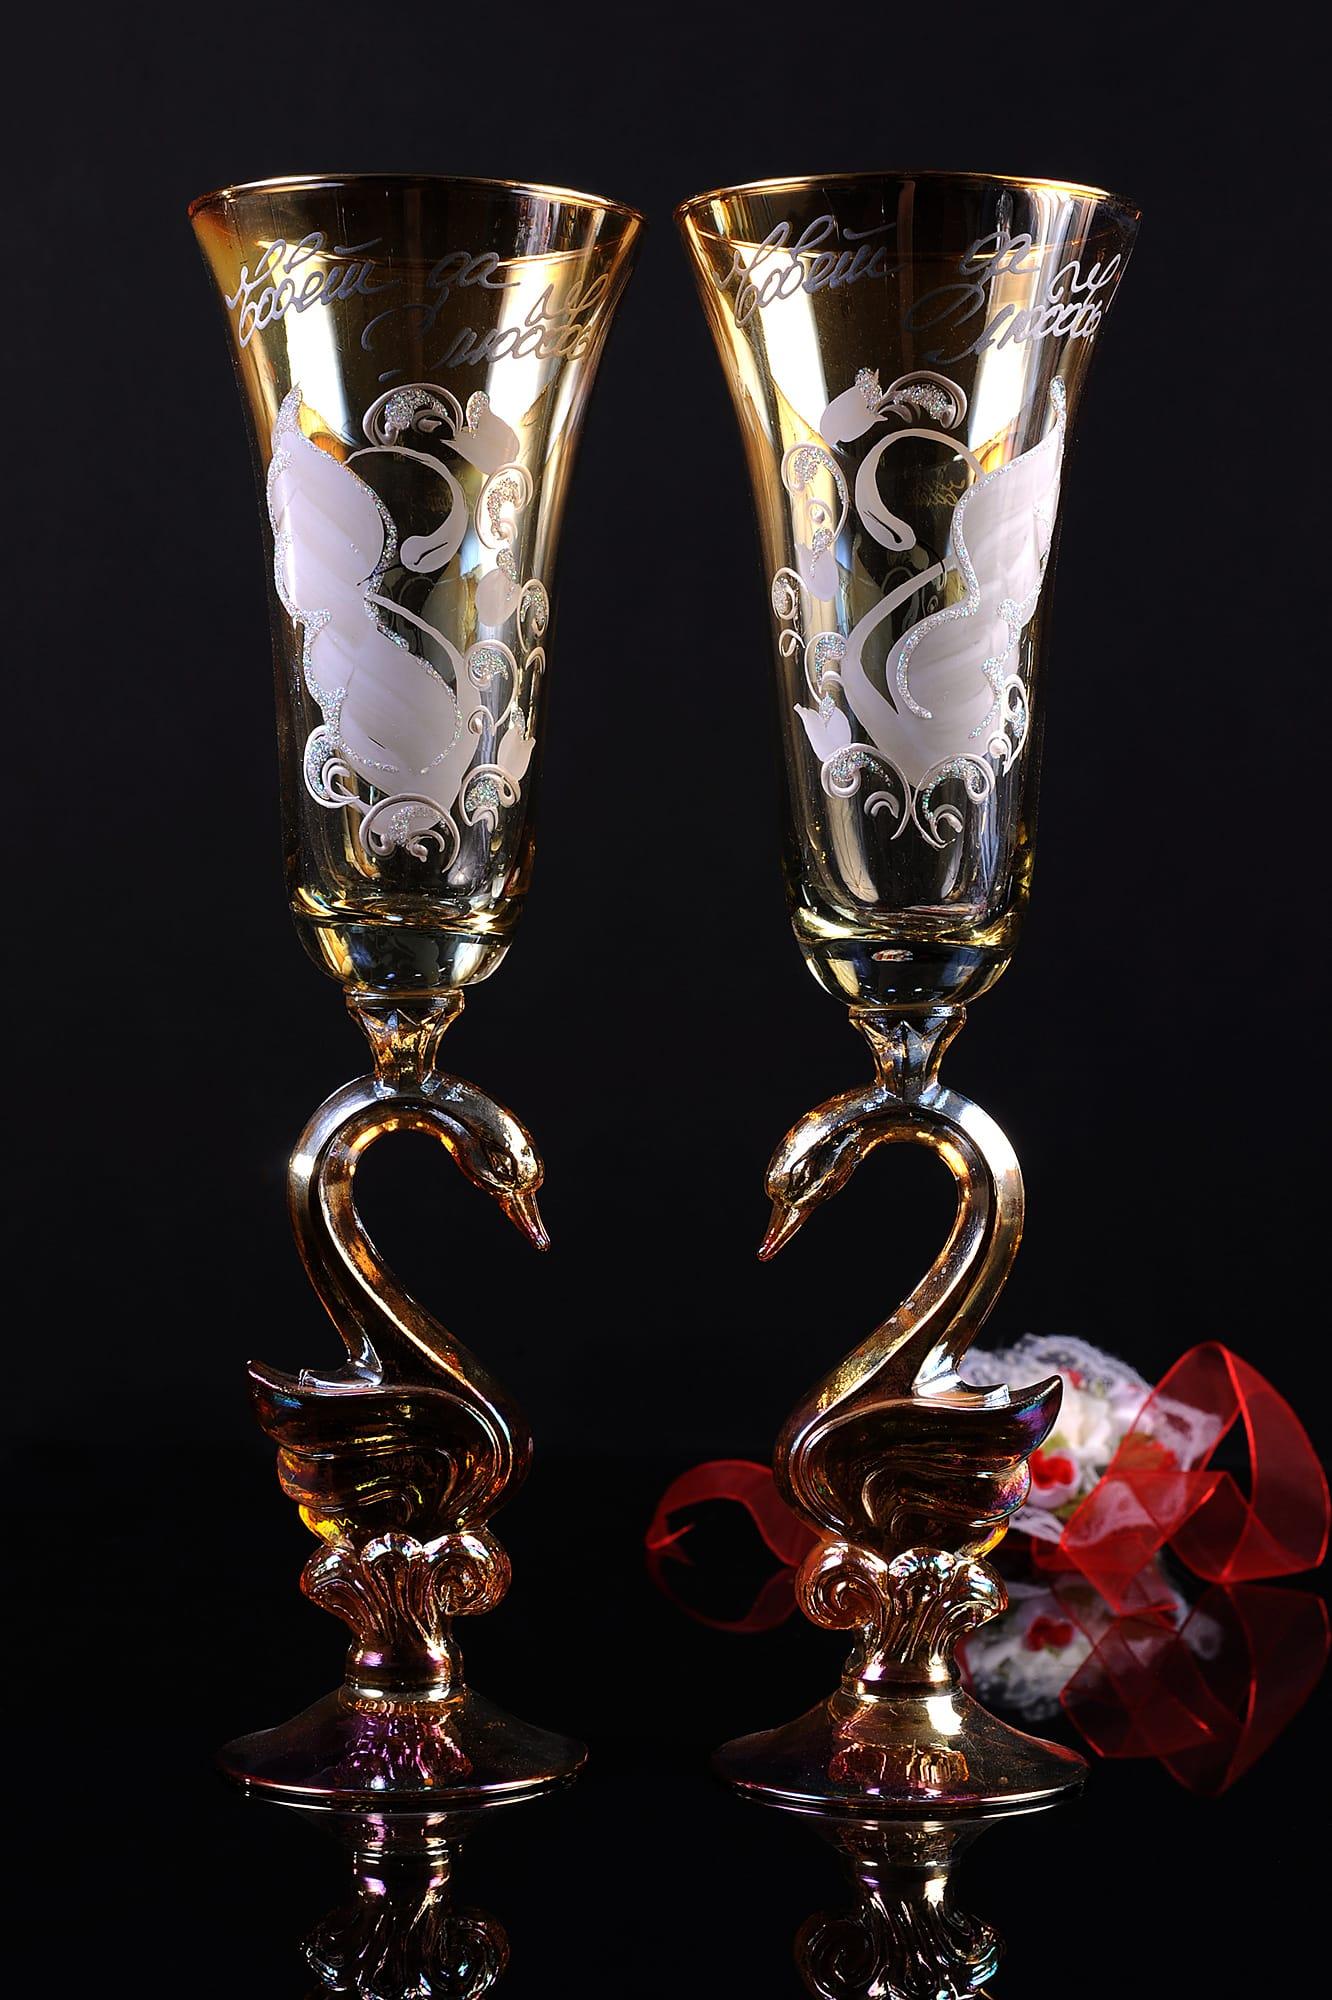 Золотистые свадебные бокалы с ножками в форме лебедей и цветным рисунком.